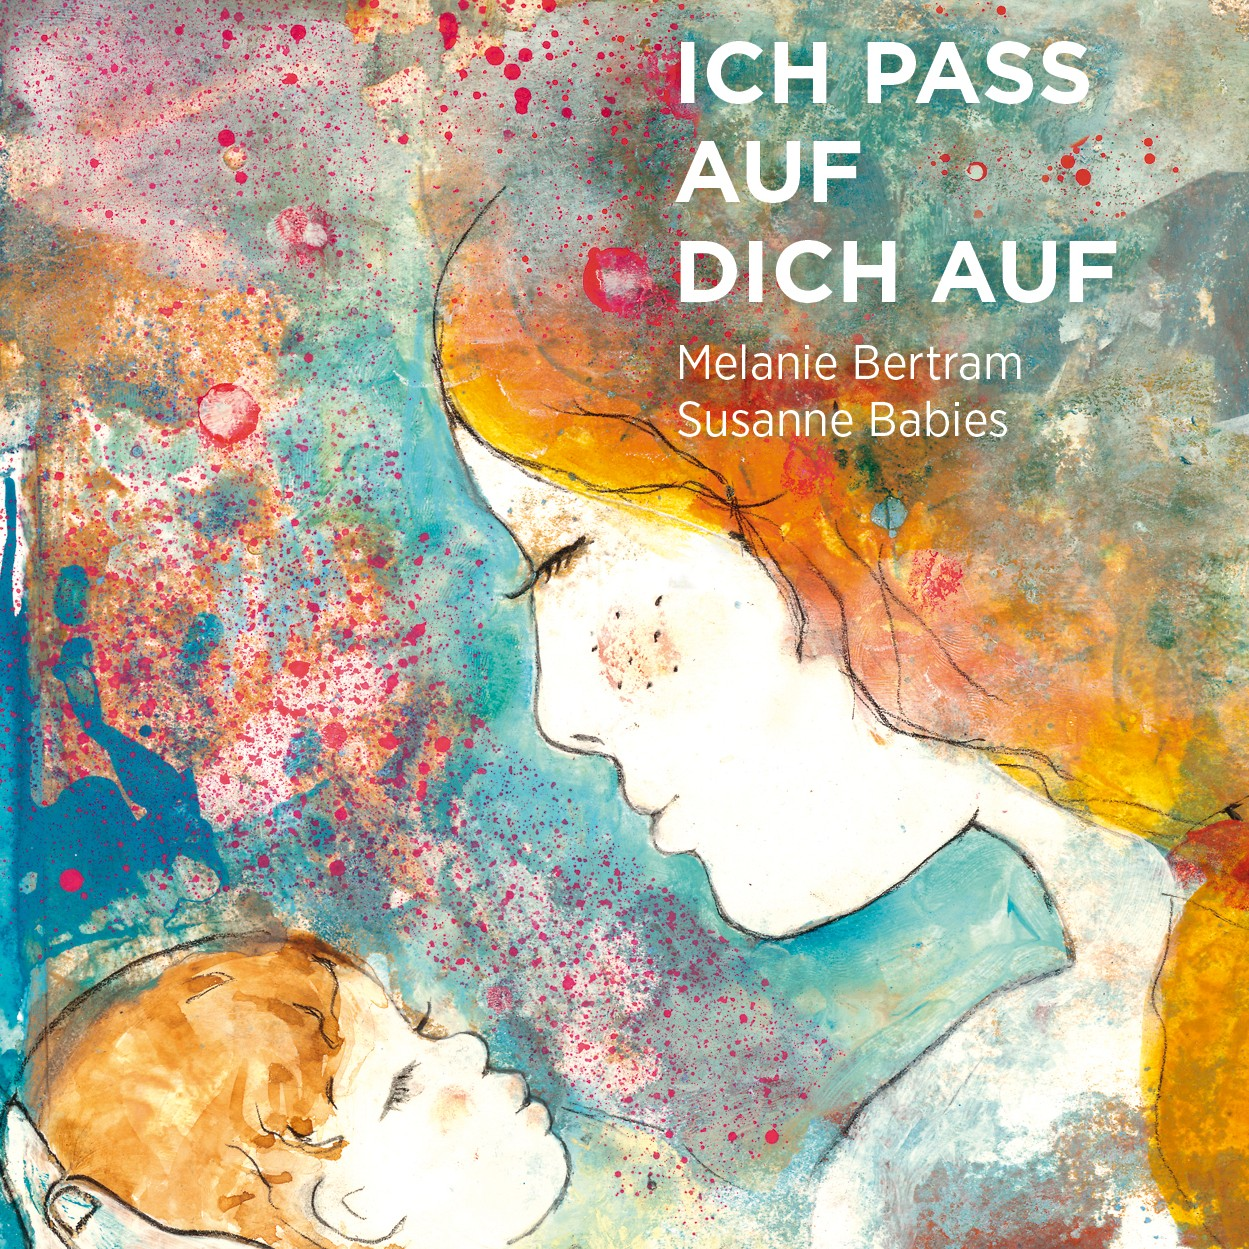 Ichpassaufdichauf_Cover